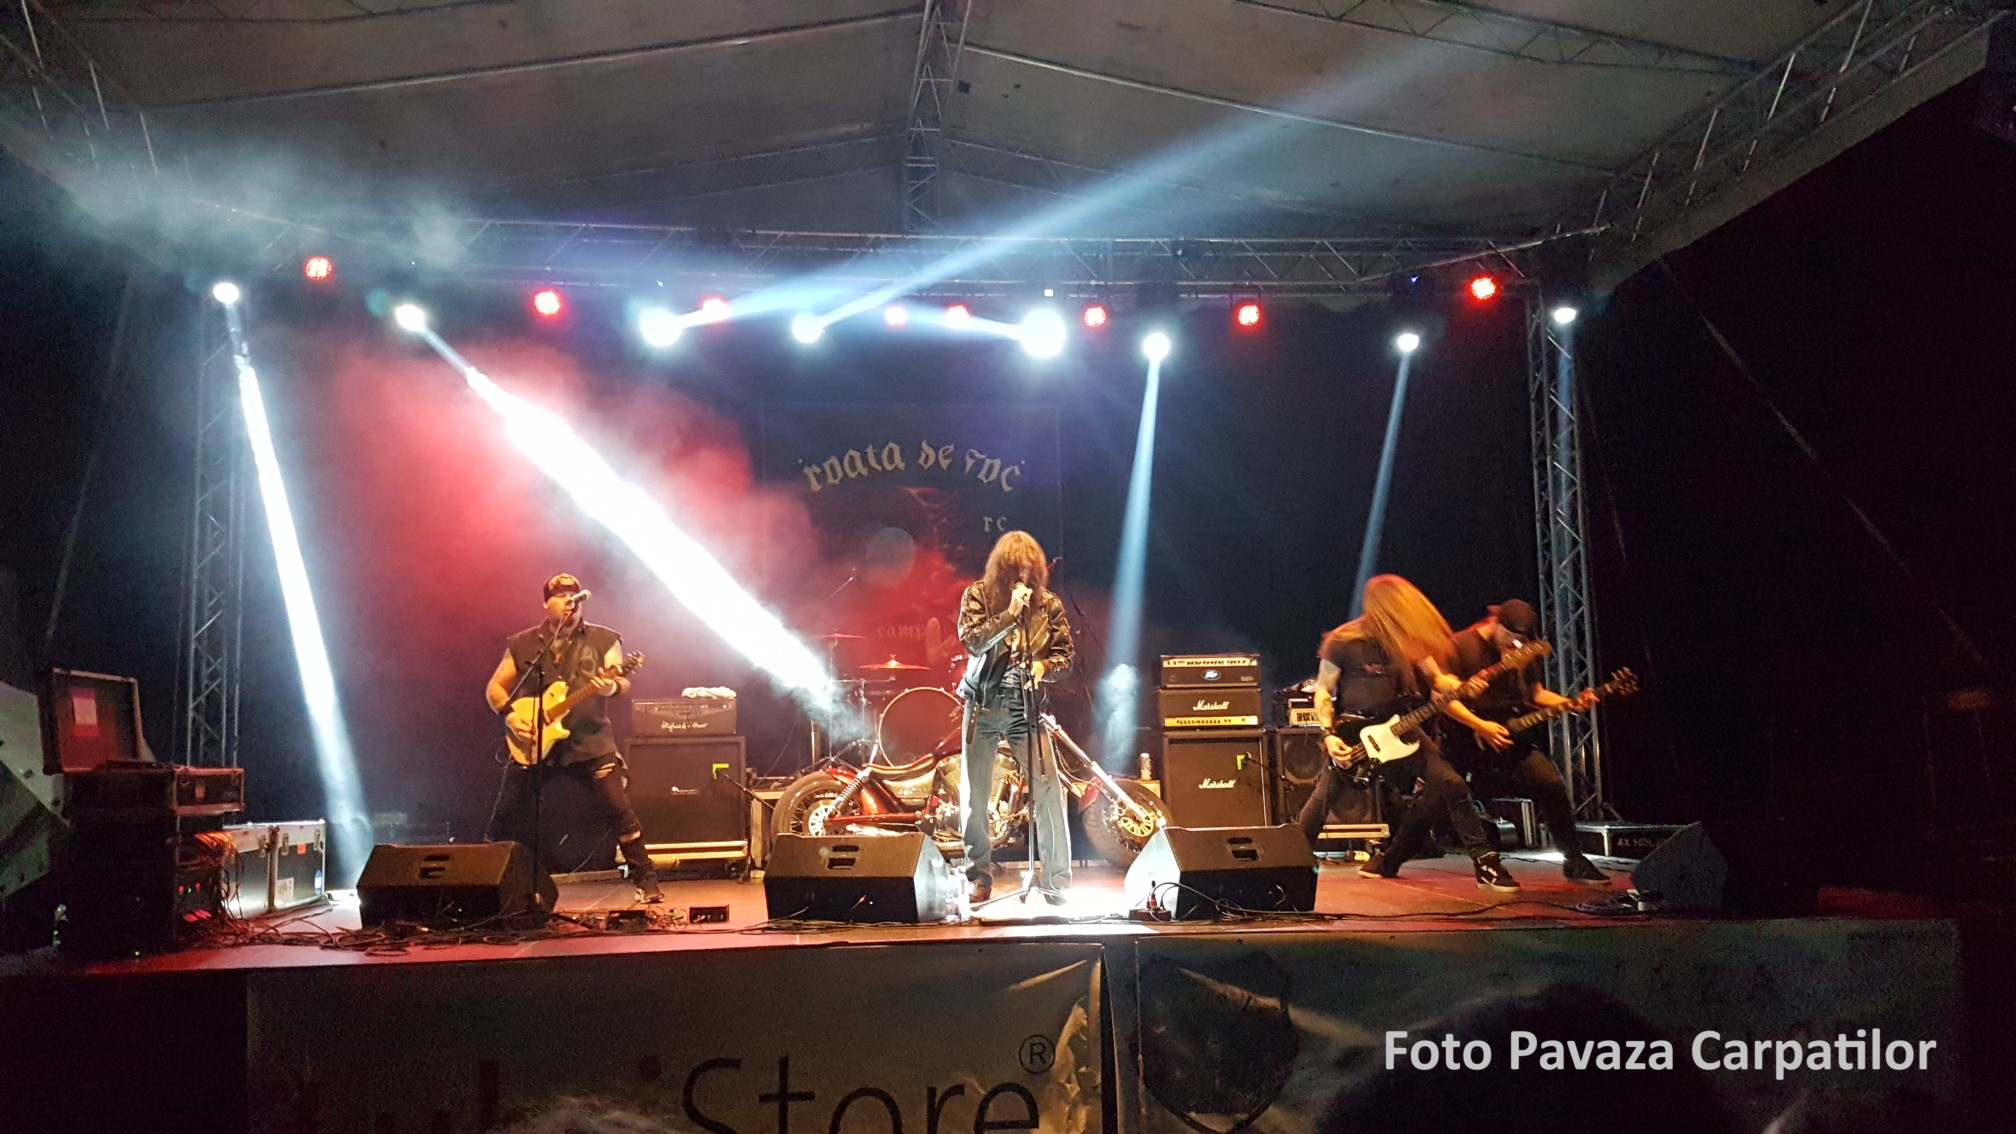 Roata de foc 2018 - concert foto